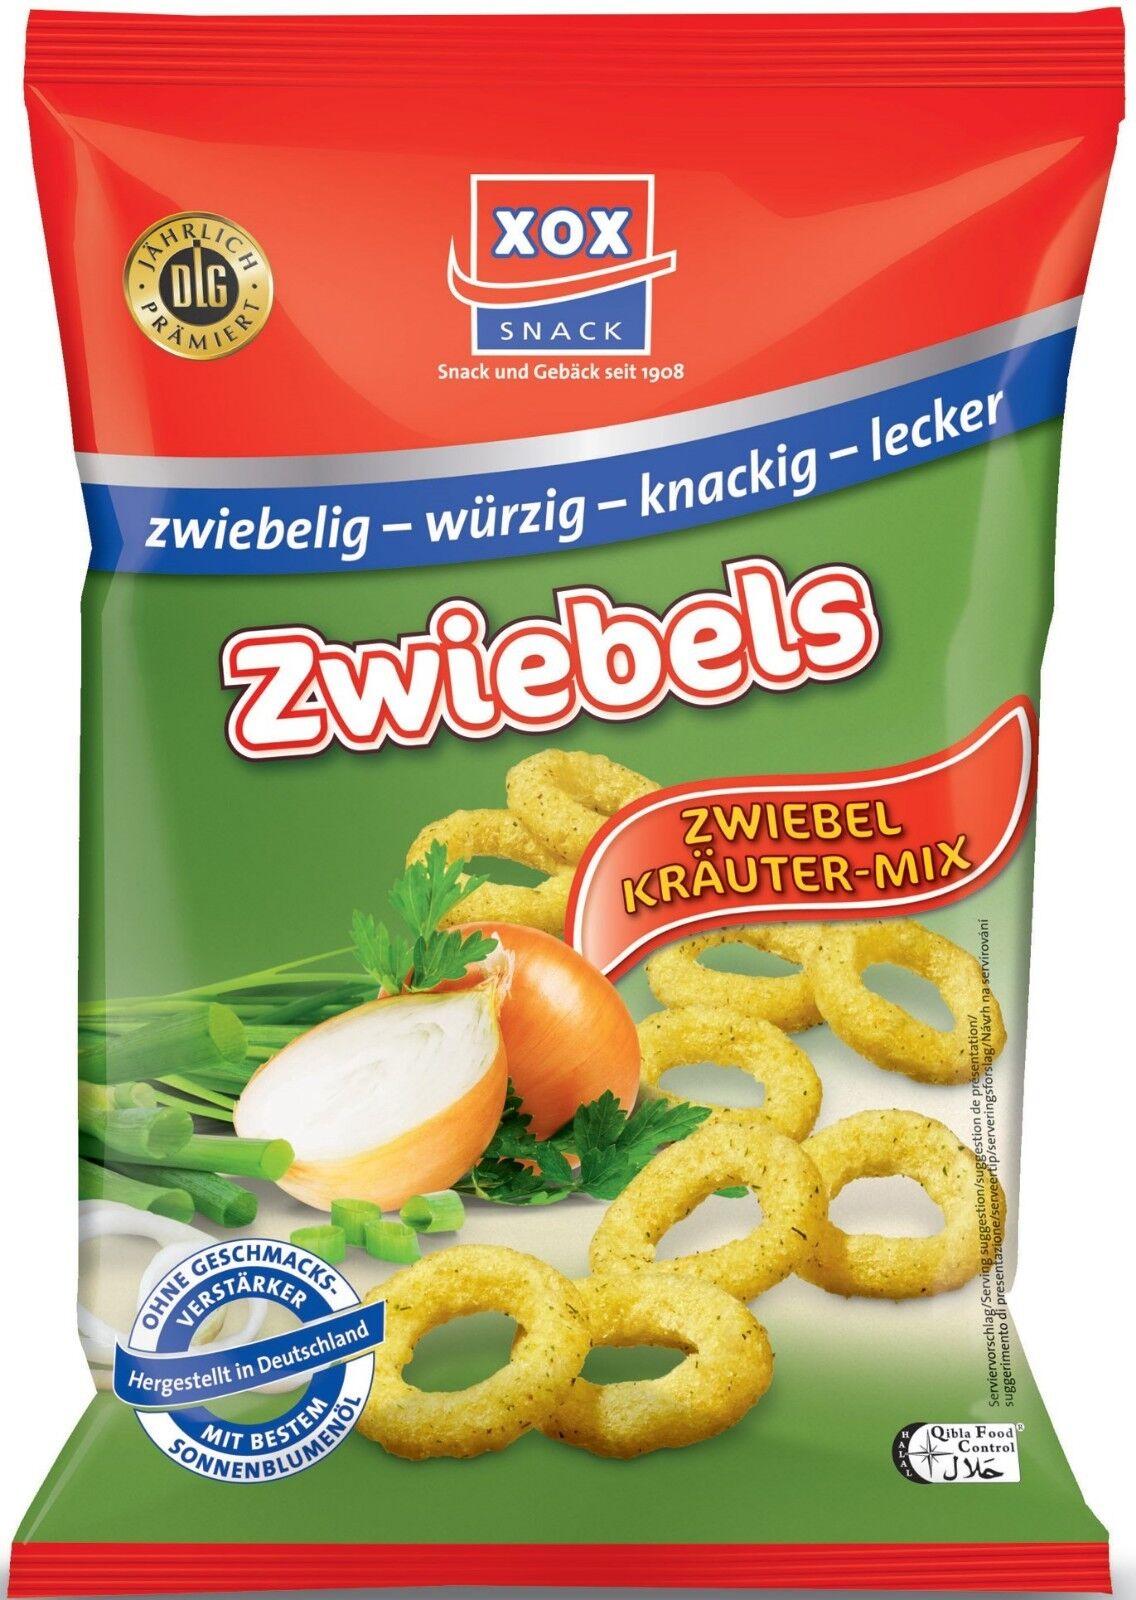 (100g=1,49€) XOX Zwiebels Zwiebelringe Mais Snack mit Zwiebel Kräuter Mix - 100g